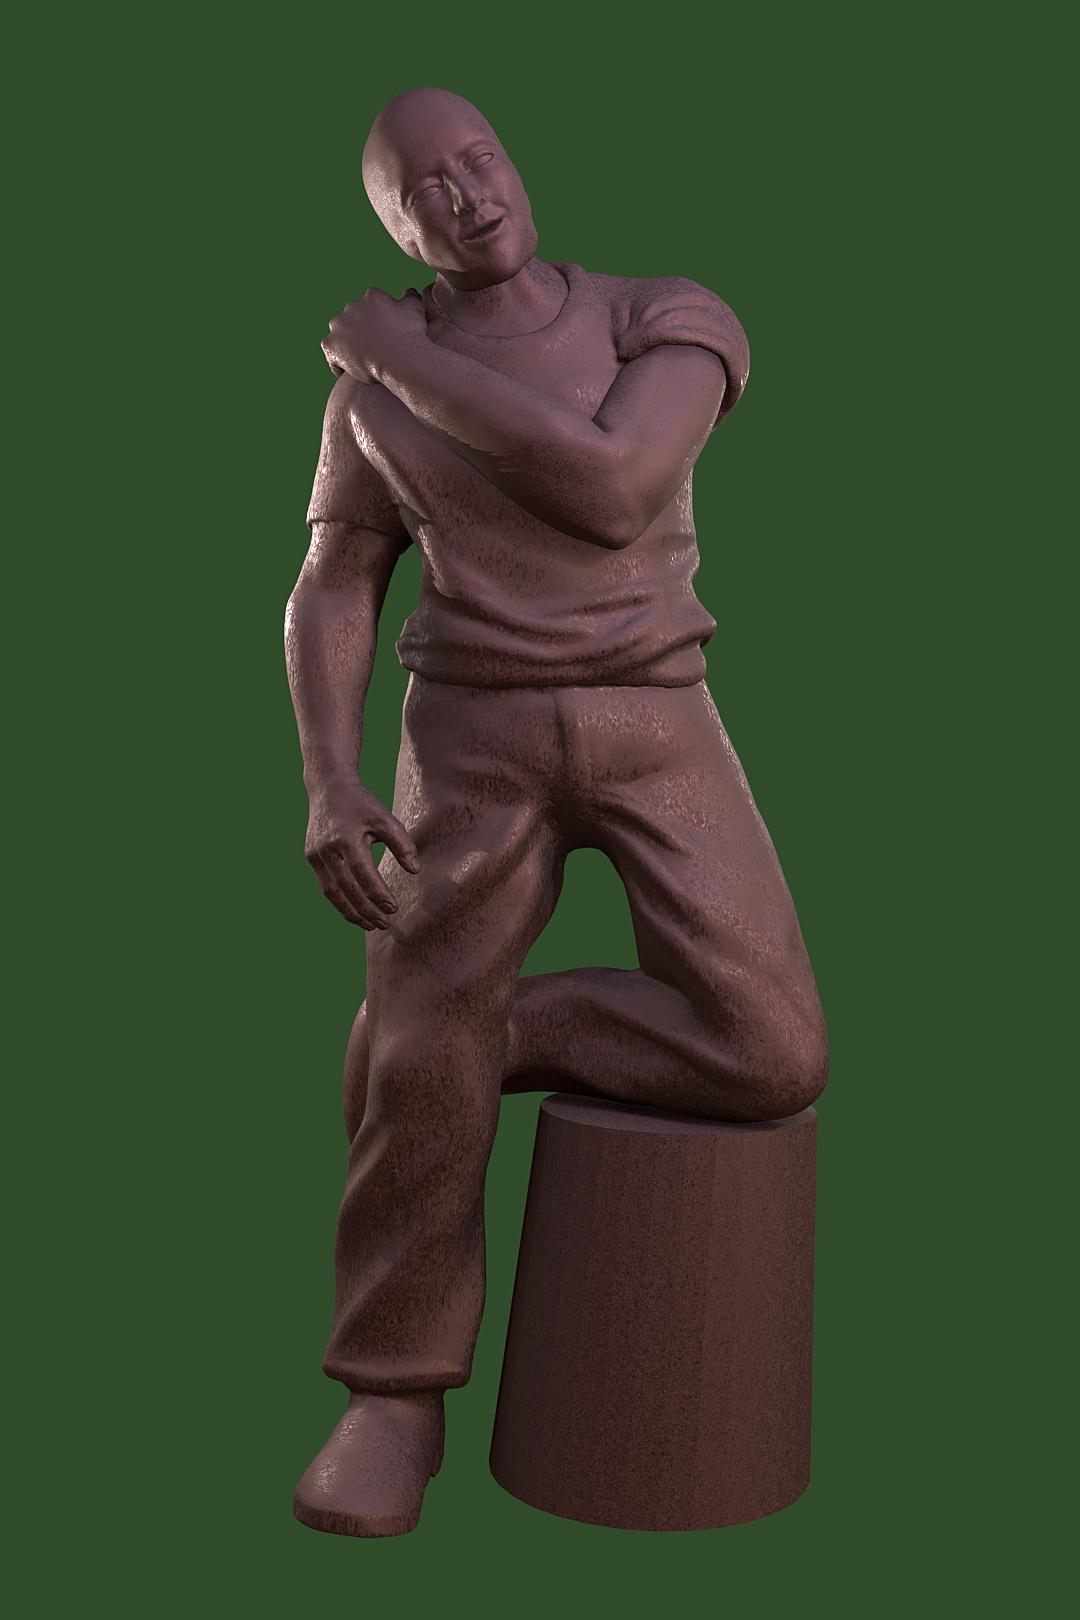 Practice sculpt - male figure